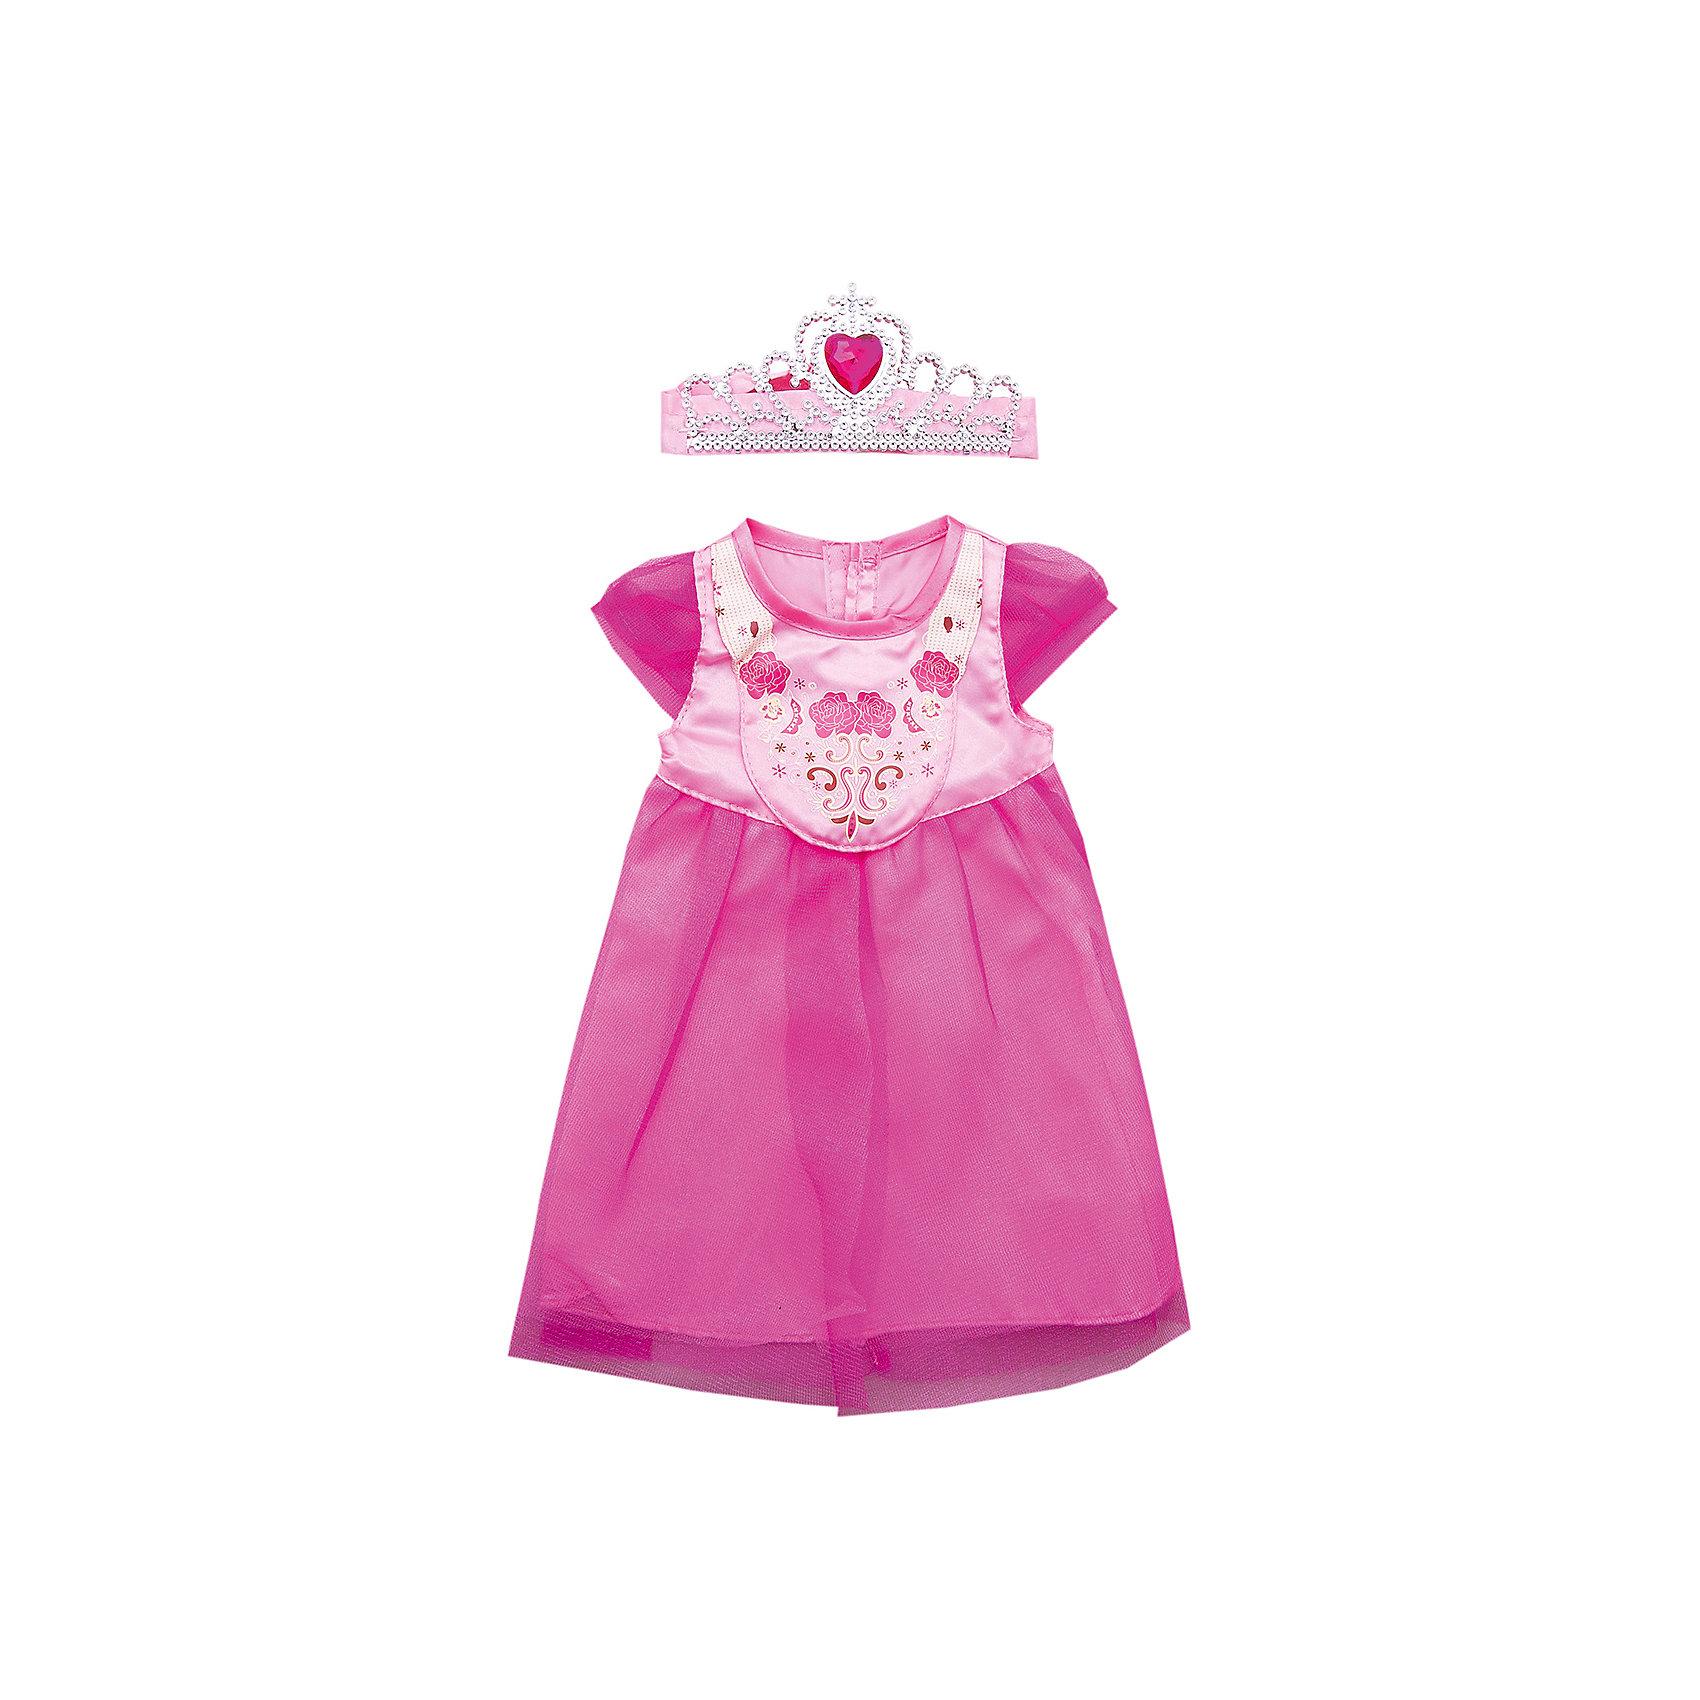 Одежда для куклы 42 см, платье с аксессуаром, Mary PoppinsКукольная одежда и аксессуары<br>Одежда для куклы 42 см, платье с аксессуарами, Mary Poppins.<br><br>Характеристики:<br><br>• Комплектация: платье, диадема, волшебная палочка, вешалка<br>• Высота куклы: 38-42 см.<br>• Материал: текстиль<br>• Цвет: розовый<br>• Упаковка: пакет<br>• Уход: стирка в стиральной машине при температуре 30 ?С<br><br>Куклы тоже любят менять наряды! И для них создается стильная и модная одежда. Это платье из эксклюзивной коллекции Цветочки ТМ Mary Poppins пополнит гардероб куклы высотой 38-42 см. Платье сшито из атласа и сеточки, украшено рисунком. В комплекте имеется диадема и волшебная палочка, которые дополнят образ куклы. Нарядив свою любимую куклу, девочка сможет взять ее на праздник или же придумать торжество у себя дома. Платье для куклы легко снимать и одевать.<br><br>Одежду для куклы 42 см, платье с аксессуарами, Mary Poppins можно купить в нашем интернет-магазине.<br><br>Ширина мм: 220<br>Глубина мм: 330<br>Высота мм: 10<br>Вес г: 81<br>Возраст от месяцев: 24<br>Возраст до месяцев: 2147483647<br>Пол: Женский<br>Возраст: Детский<br>SKU: 5402771